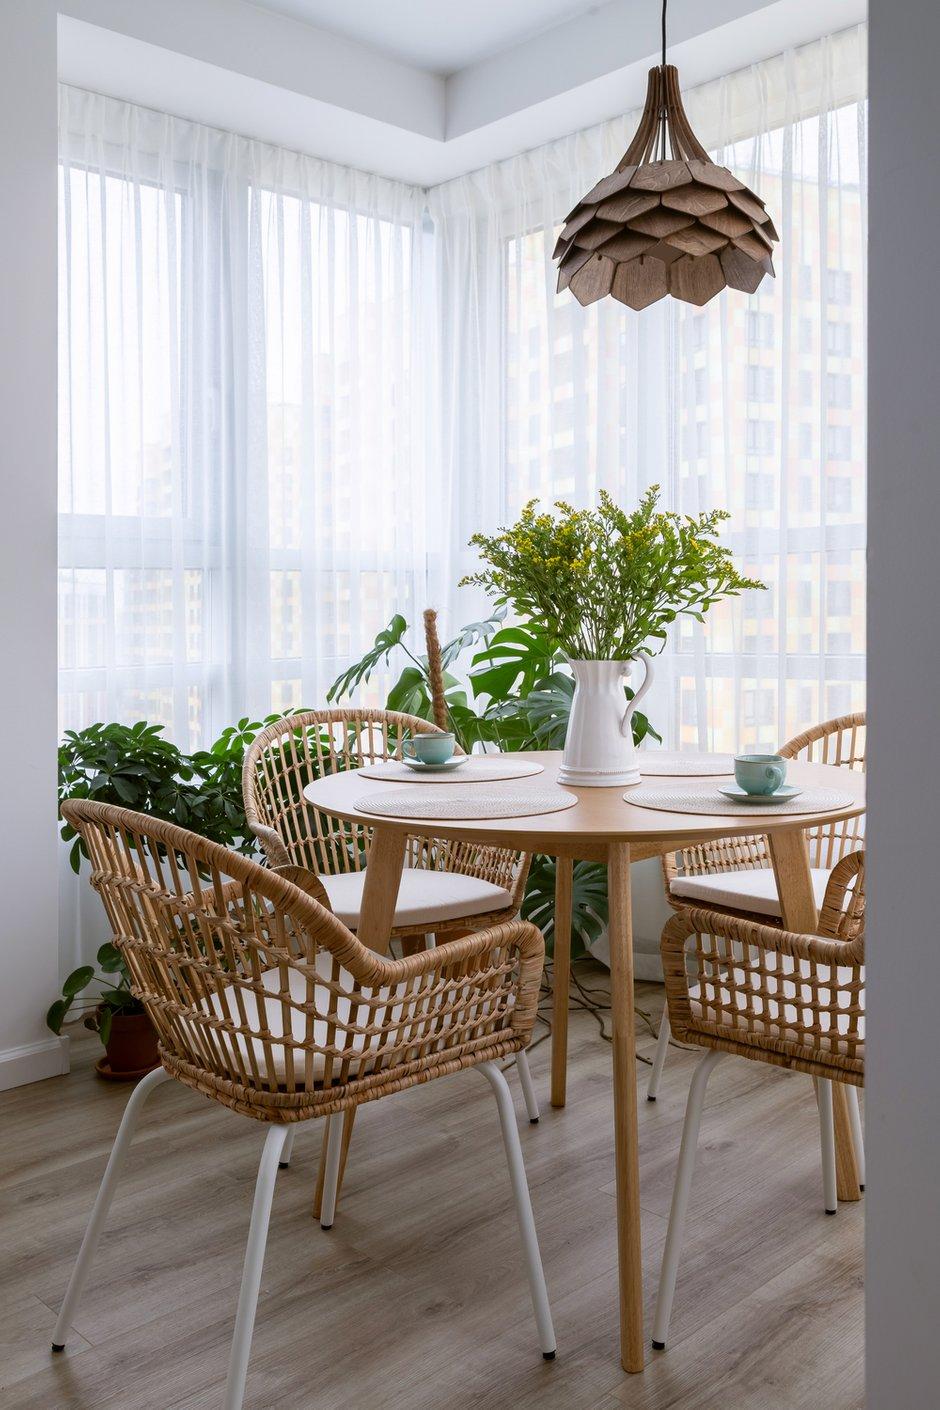 Плетеные кофейные столики в гостиной и плетеные стулья в обеденной зоне добавляют этнического стиля в интерьер.